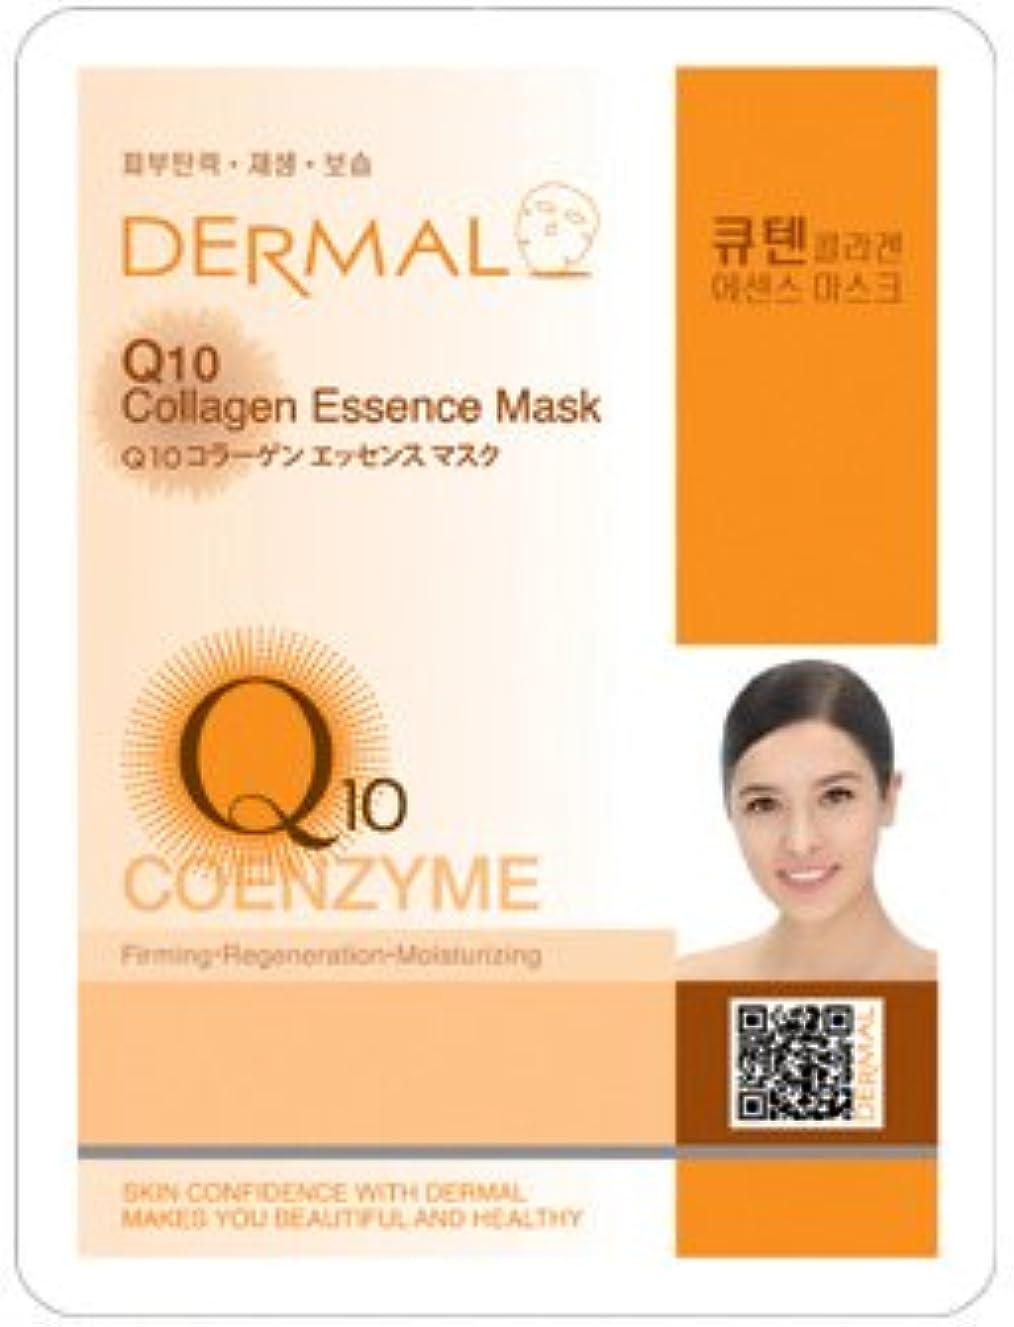 小間セクション読者シートマスク Q10 コエンザイム 10枚セット ダーマル(Dermal) フェイス パック